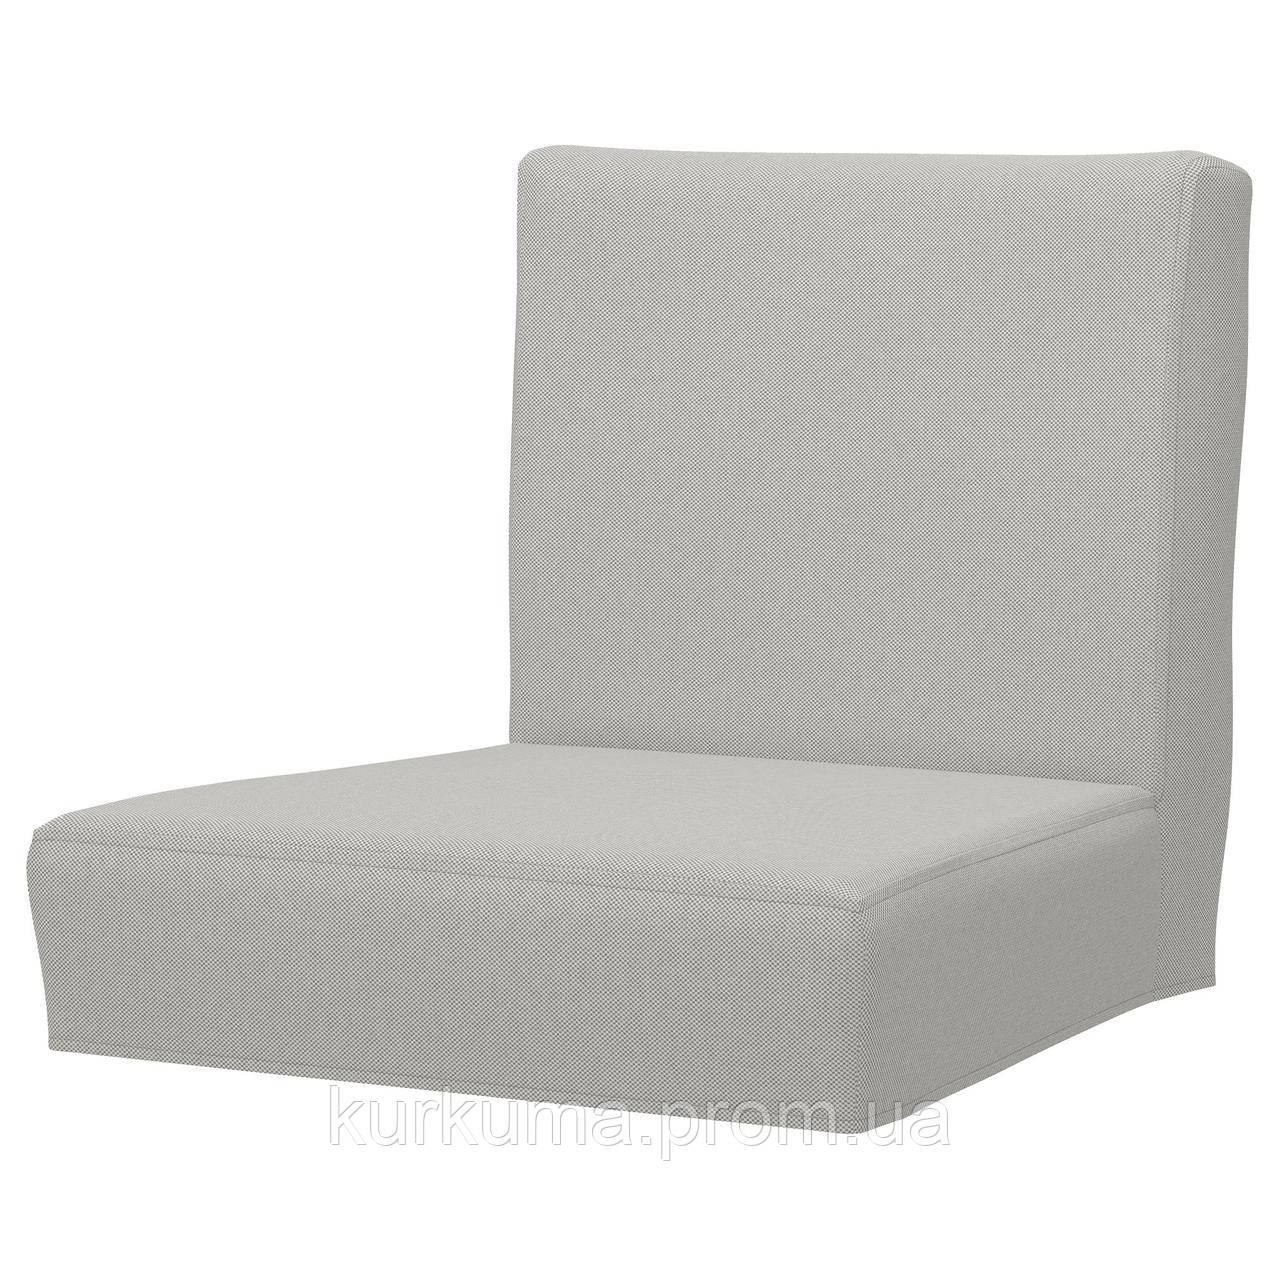 IKEA HENRIKSDAL Чехол для сиденья барного стула, ОРРСТА светло-серый  (803.366.78)